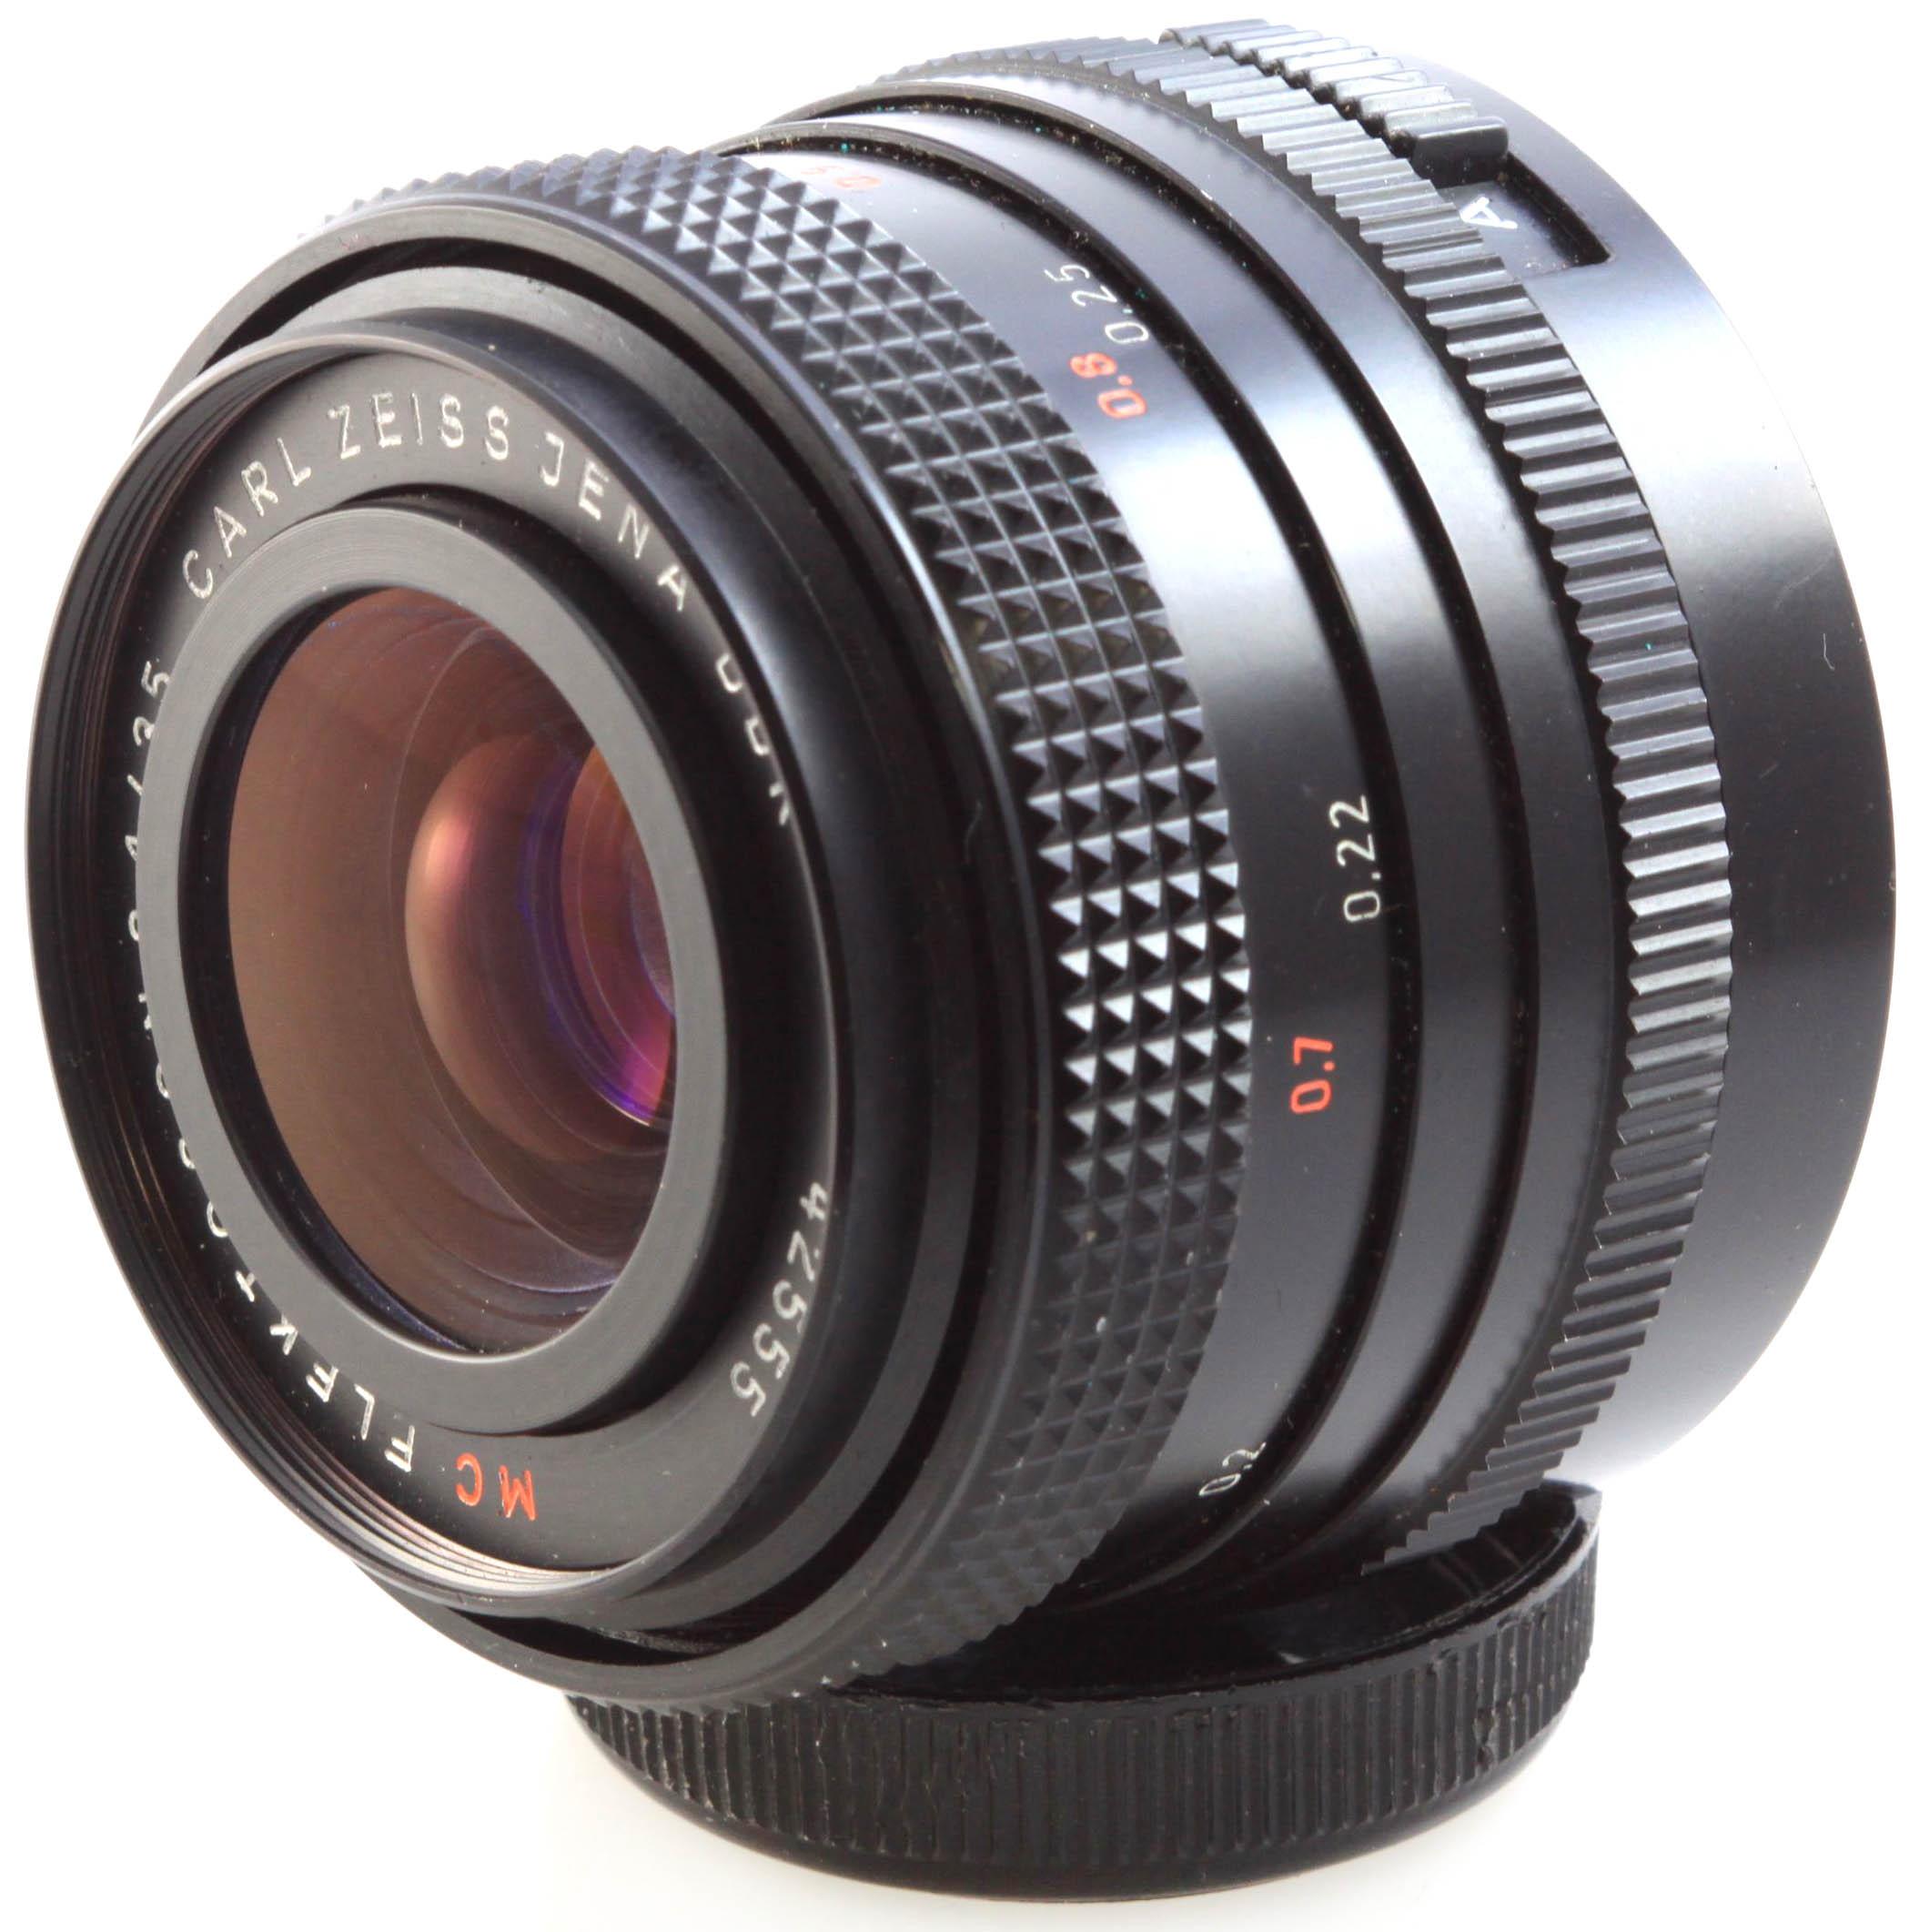 Carl Zeiss Flektogon 35mm f2 4 Prime Lens -for M42 Mount Cameras